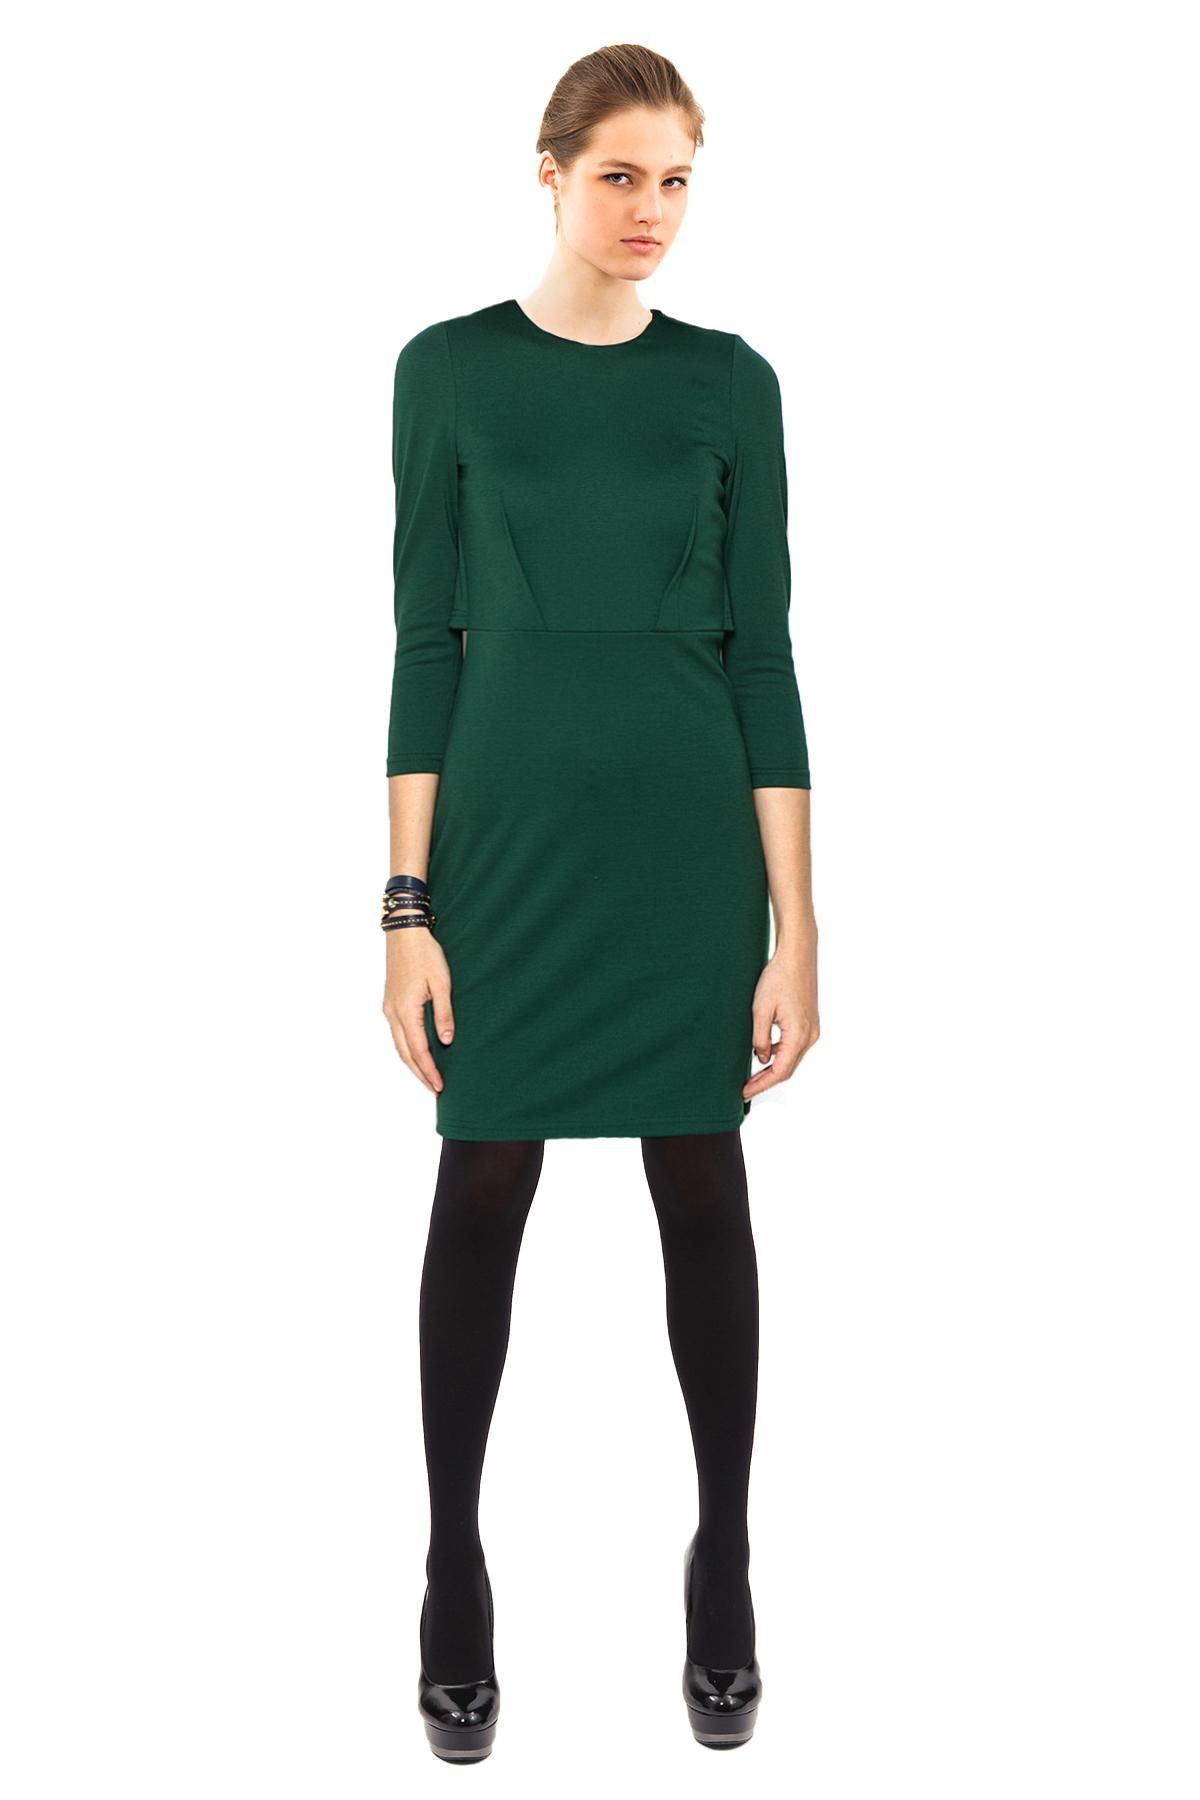 ПлатьеПлатья,  сарафаны<br>Эффектное платье.Изделие с округлым вырезом горловины. Модель станет замечательным дополнением к Вашему гардеробу.<br><br>Цвет: зеленый<br>Состав: 60% вискоза, 35% полиэстер, 5% лайкра<br>Размер: 42,44,46,48,50,52,54<br>Страна дизайна: Россия<br>Страна производства: Россия